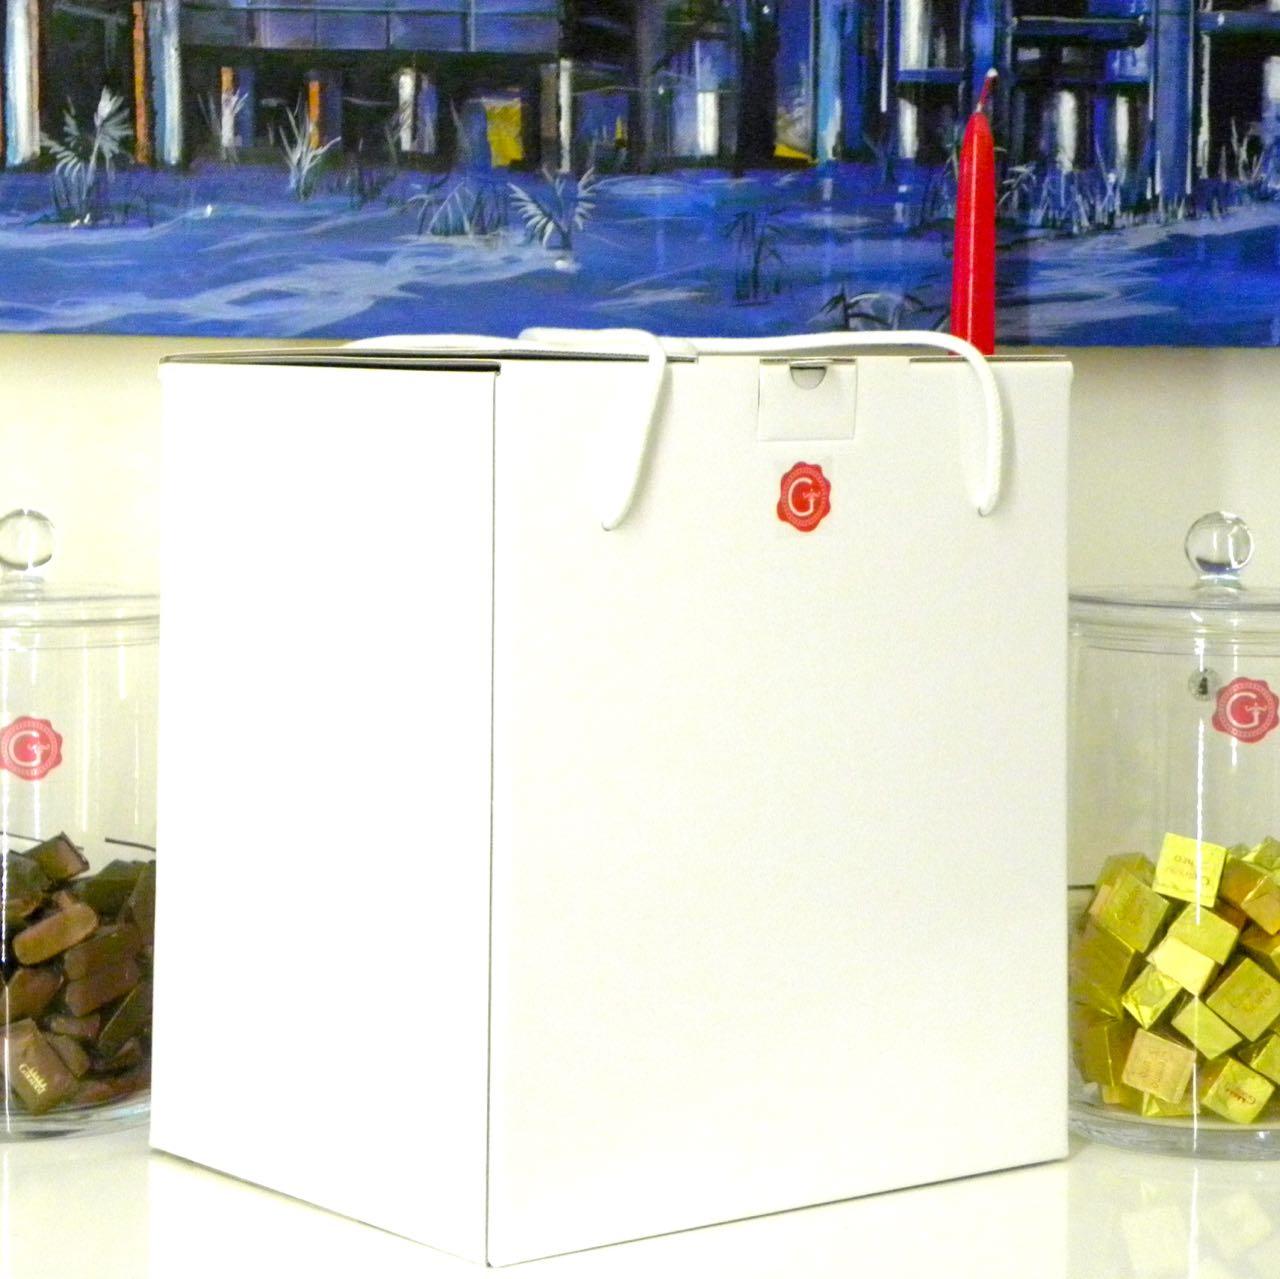 Confezione regalo Gustorotondo – Gustorotondo Gift Box – Gustorotondo Italian food boutique – I migliori cibi online – Best Italian foods online – spesa online